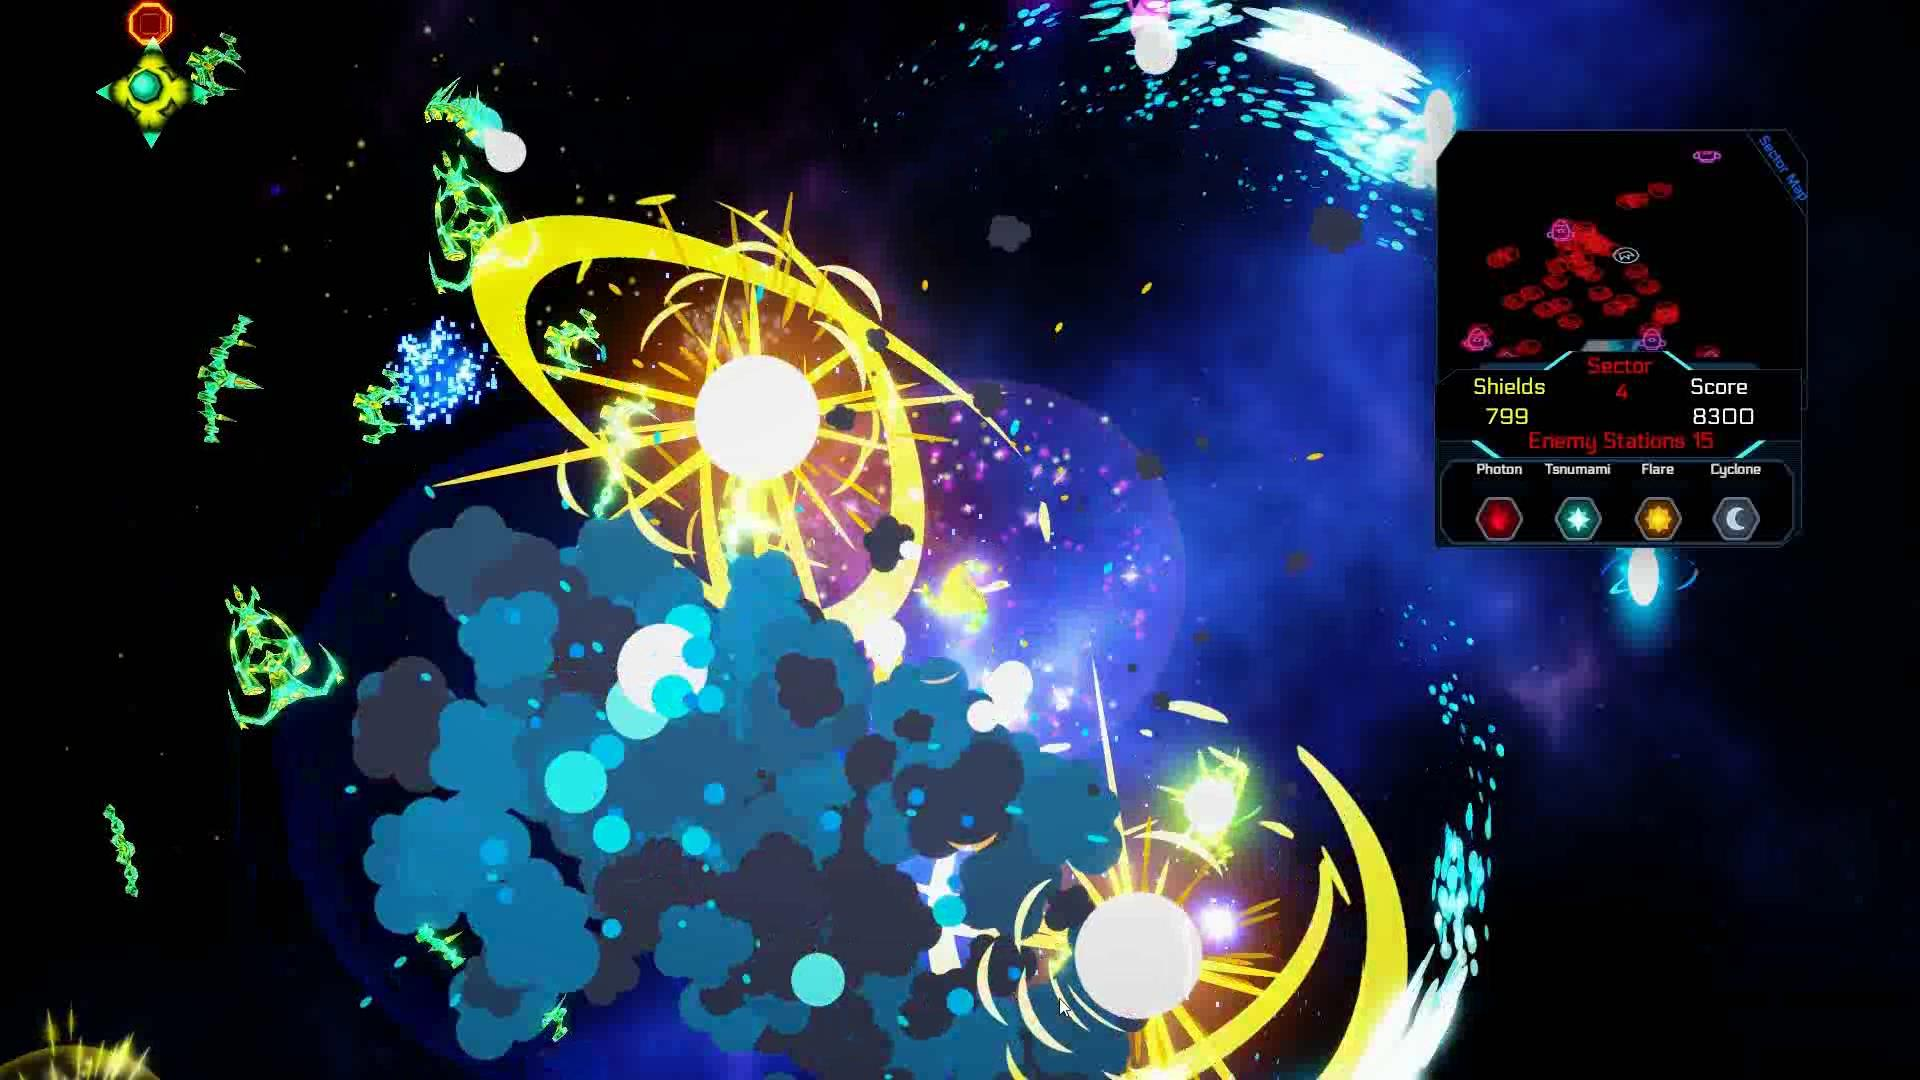 com.steam.703530-screenshot